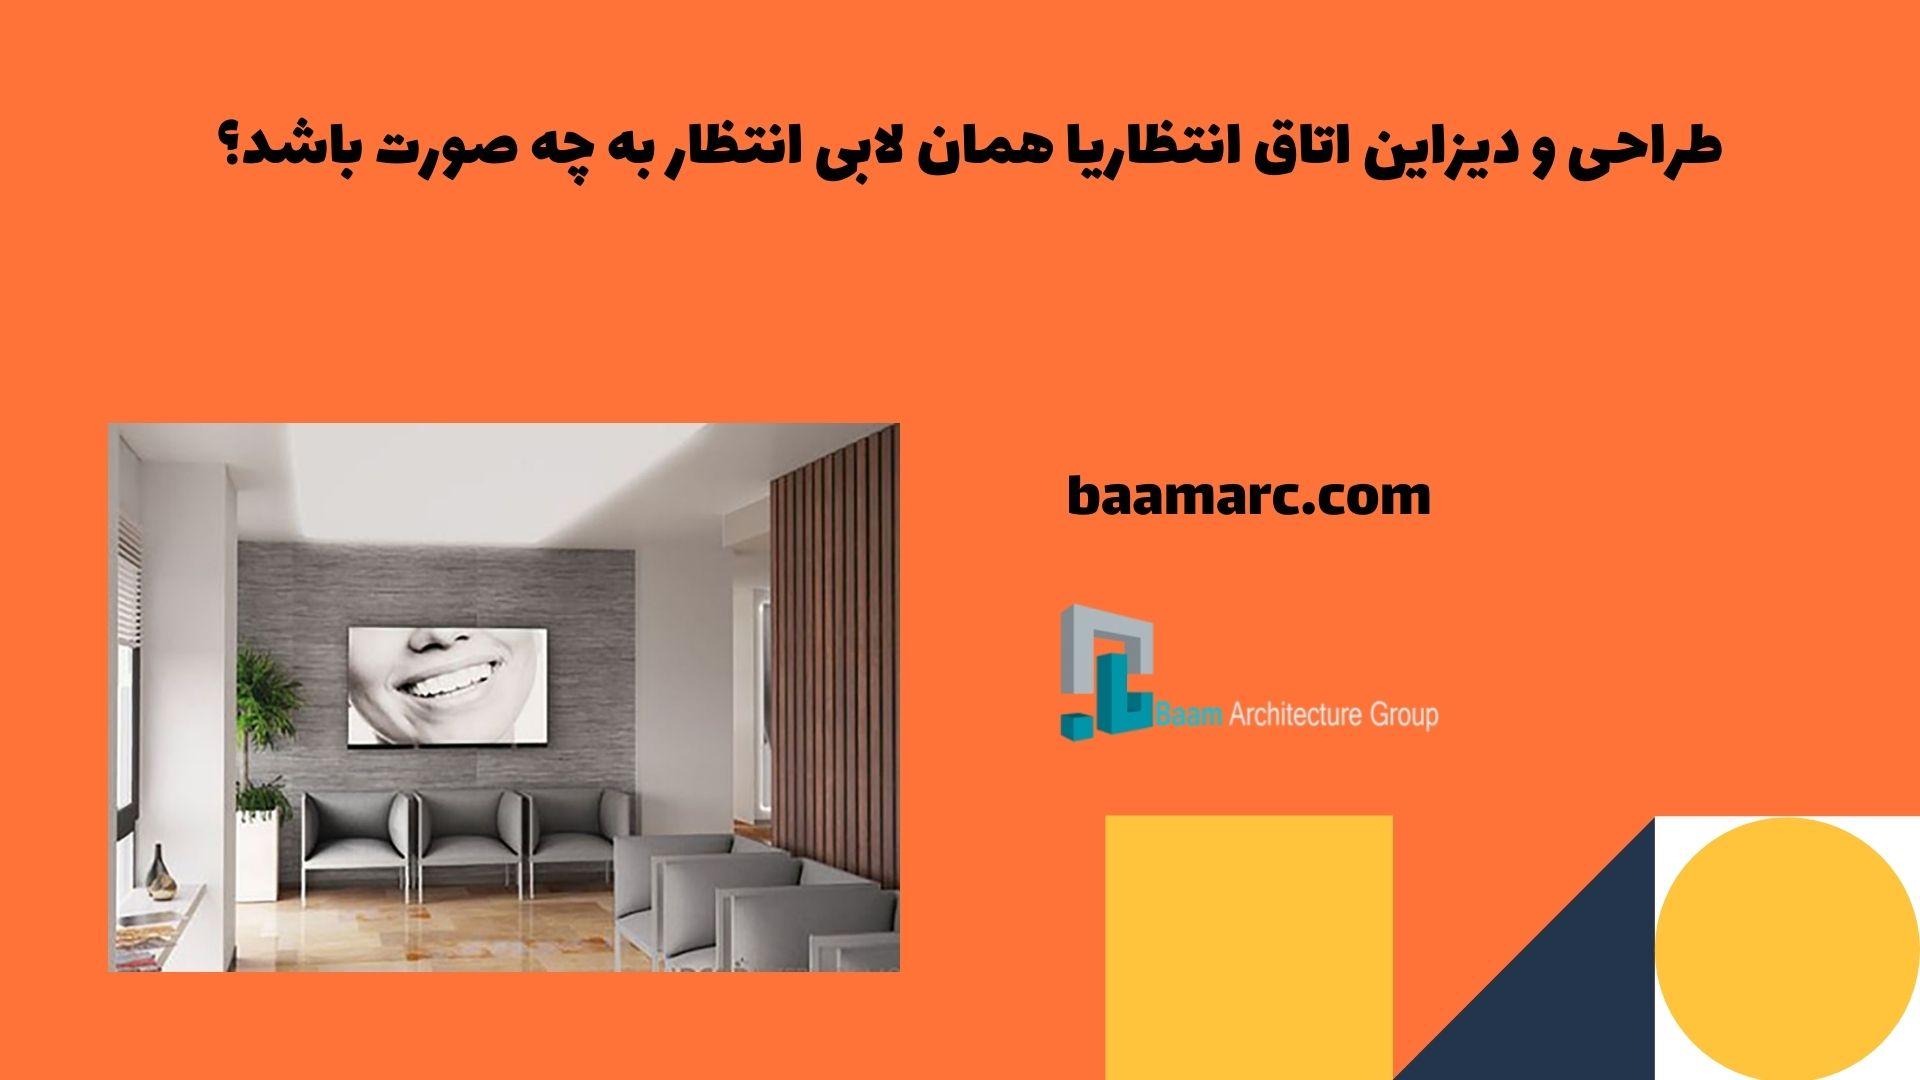 طراحی و دیزاین اتاق انتظاریا همان لابی انتظار به چه صورت باشد؟